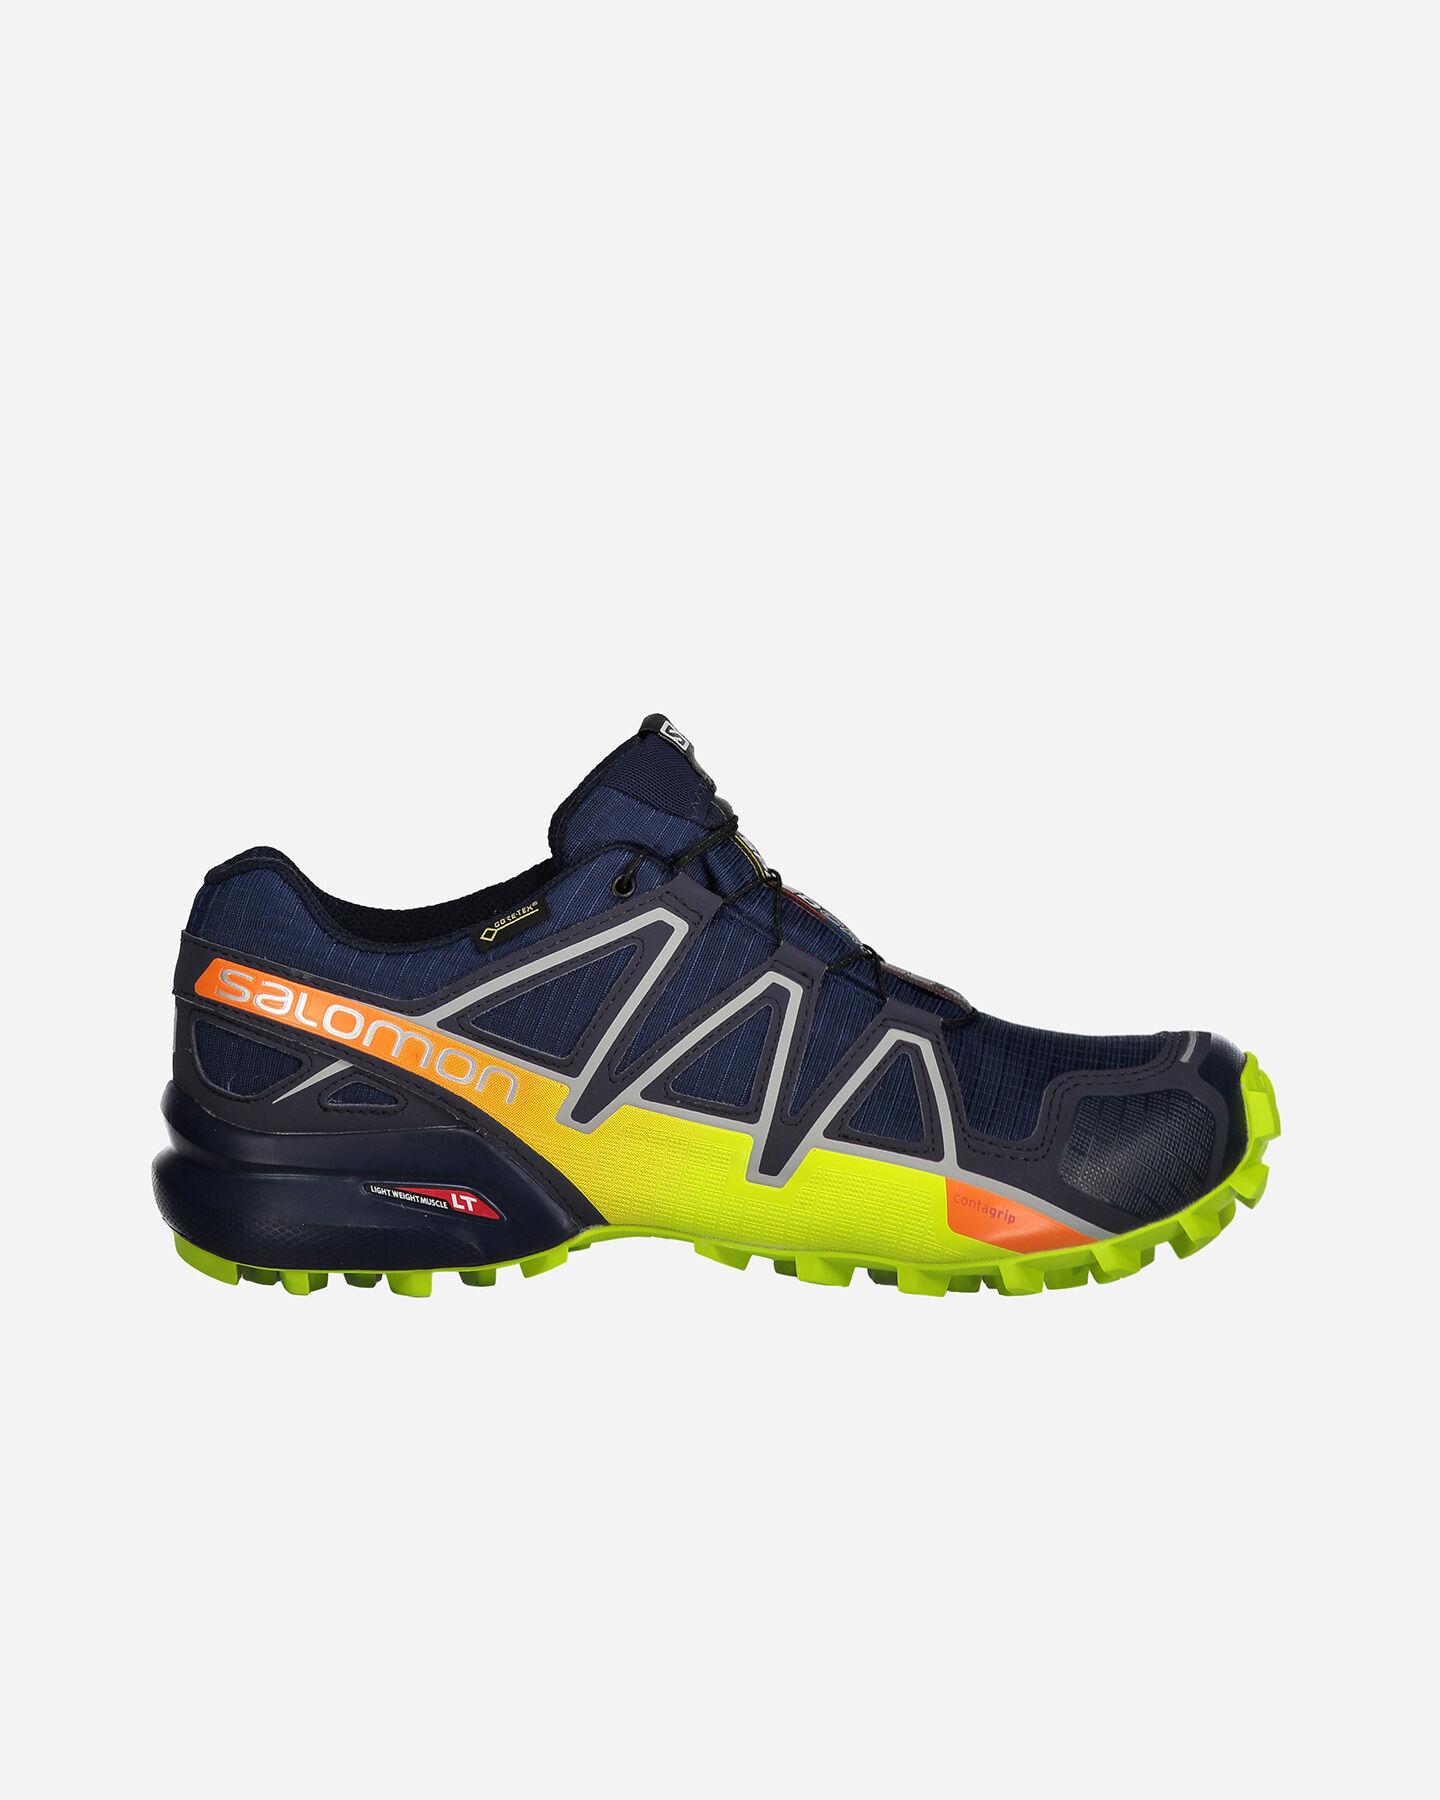 Salomon Su Gtx Sport 4 L40093800 Scarpe Cisalfa Speedcross M Trail 6BwvWAq6